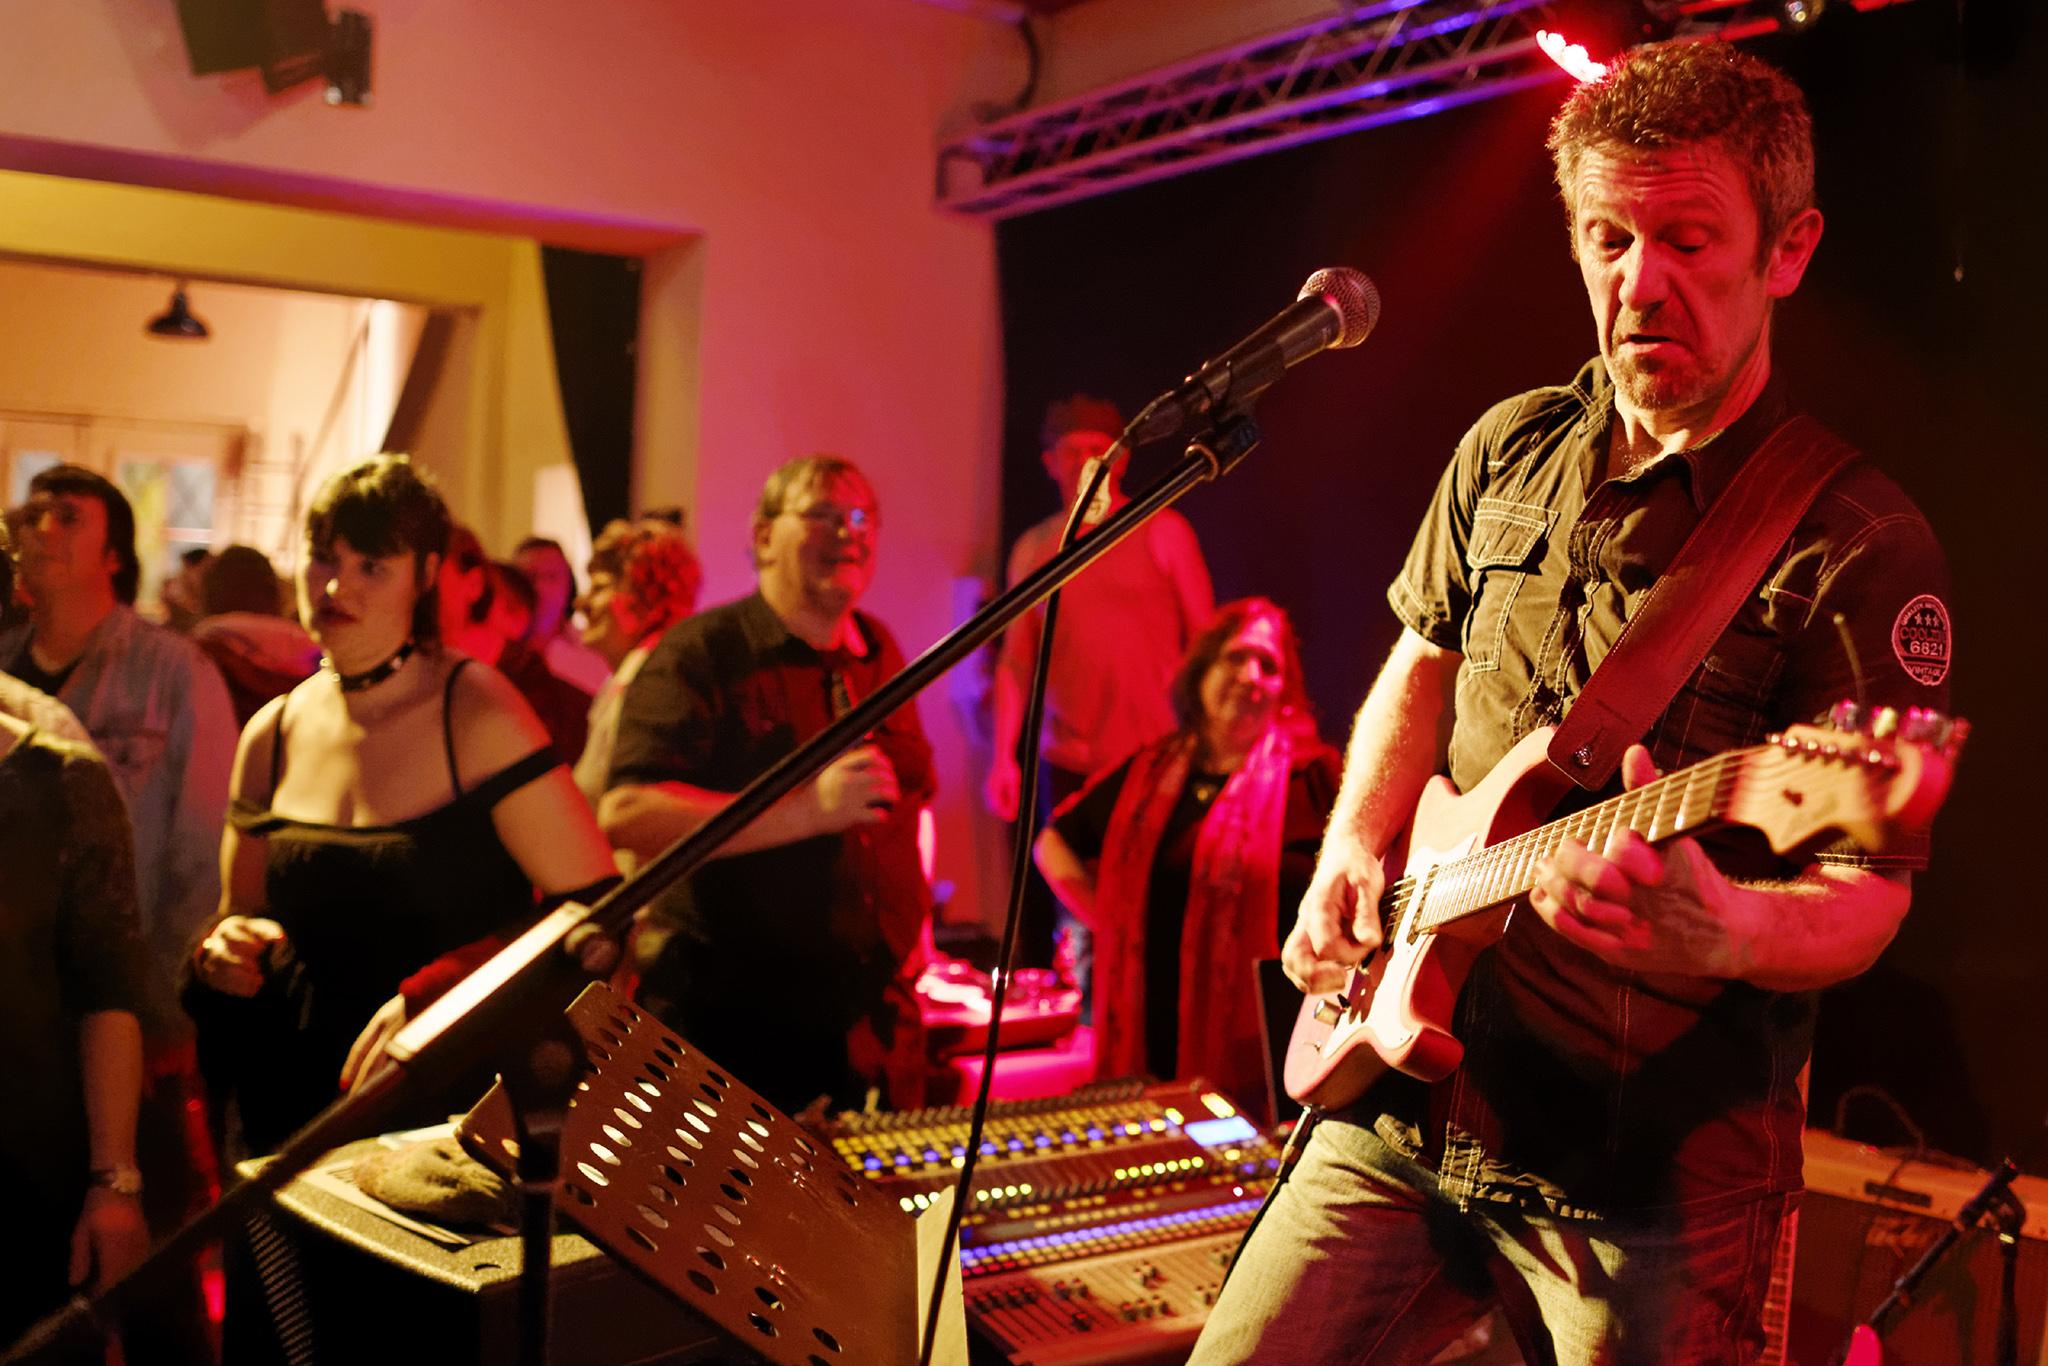 Die grosse 80er Party im Galicia - Danke an alle, es war eine tolle Nacht.